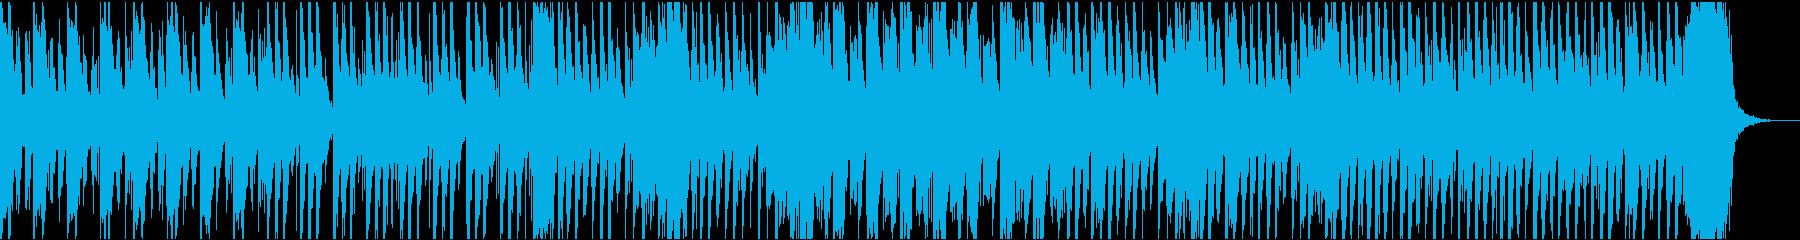 ハロウィン風の怪しげな行進曲の再生済みの波形